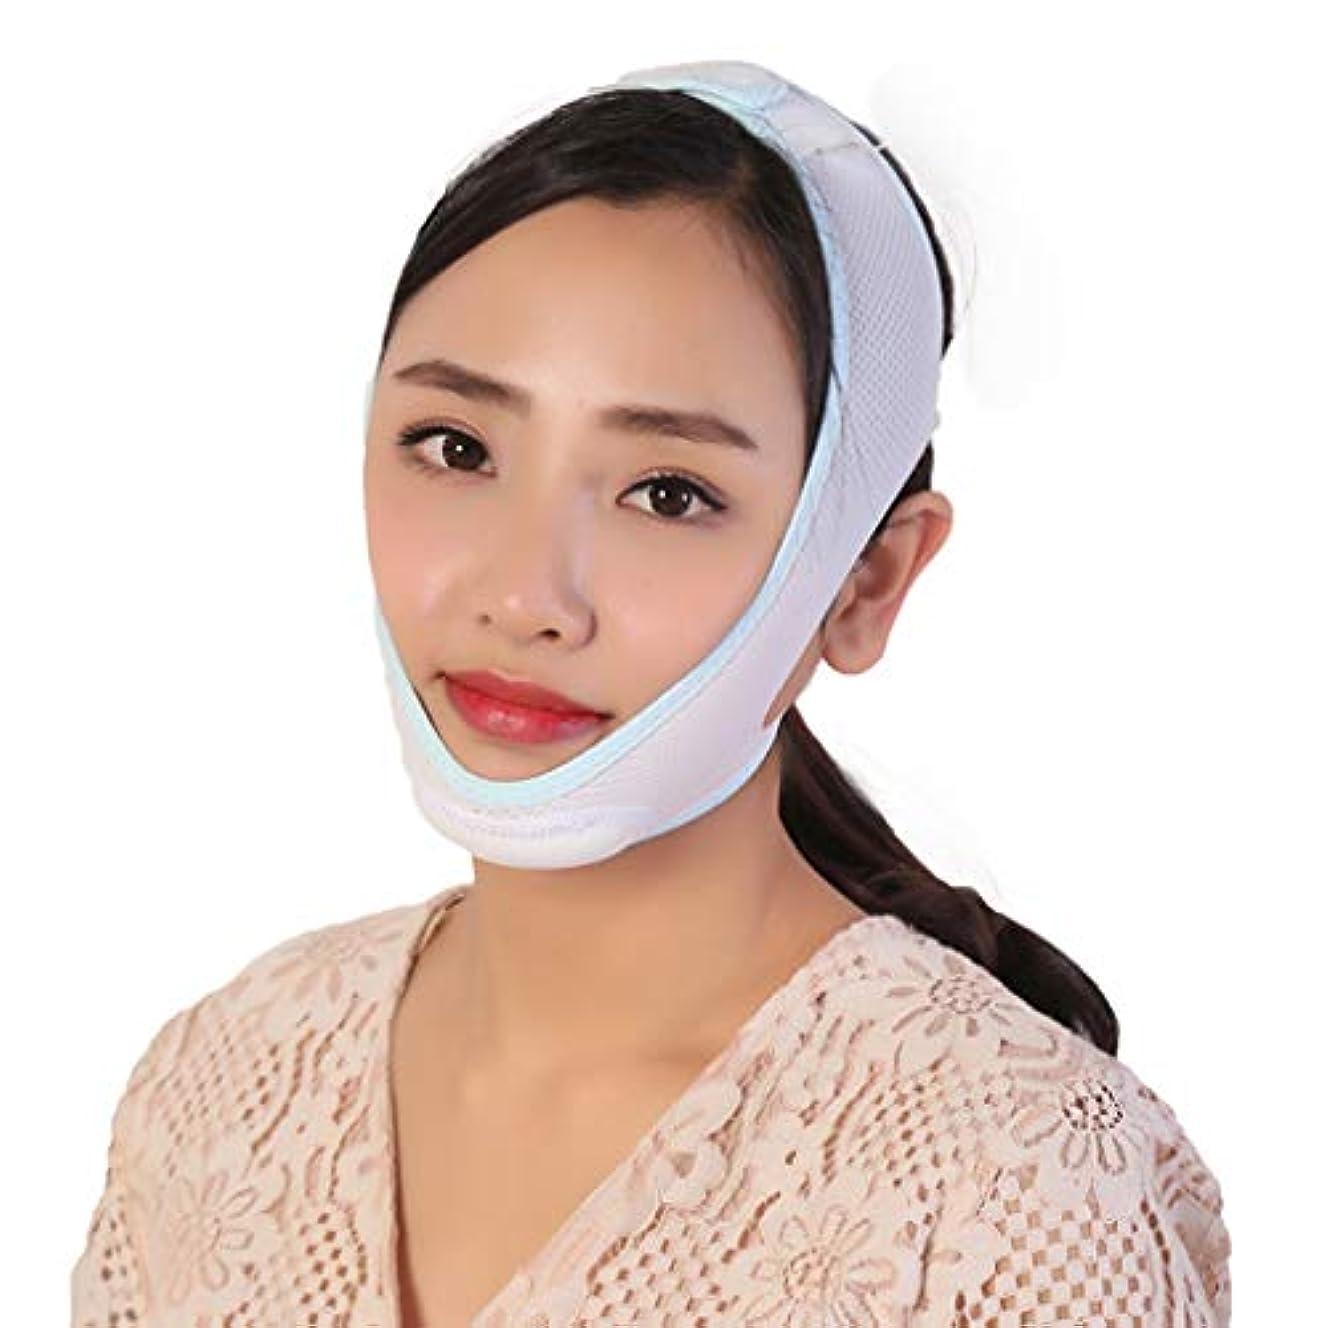 全部アデレードアパート顔の顔を持ち上げる顔のマスクを改善するために快適な顔面曲線包括的通気性包帯